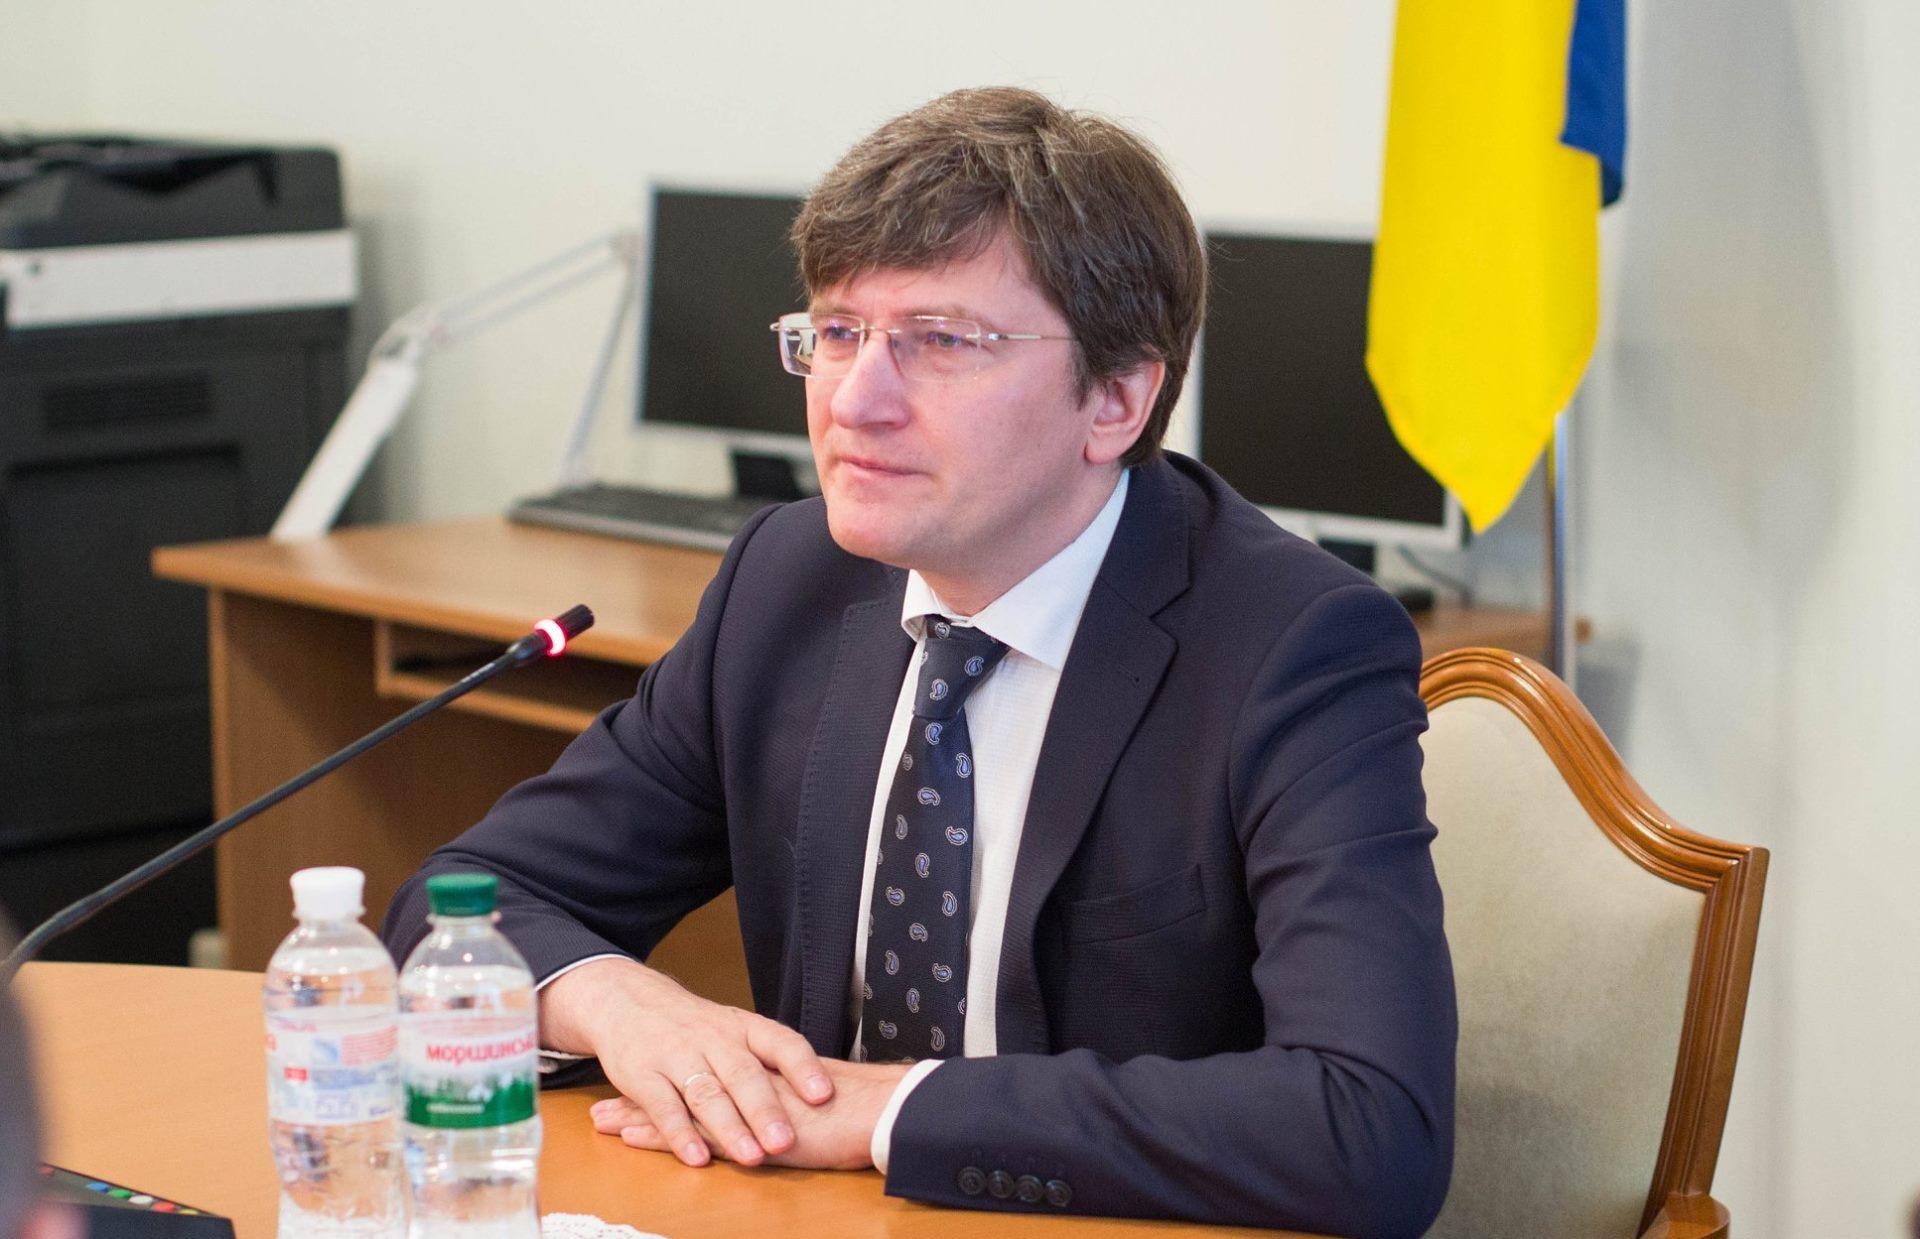 Андрей Магера, член ЦИК в 2004-2014 гг, замглавы ЦИК в 2007-2018 гг